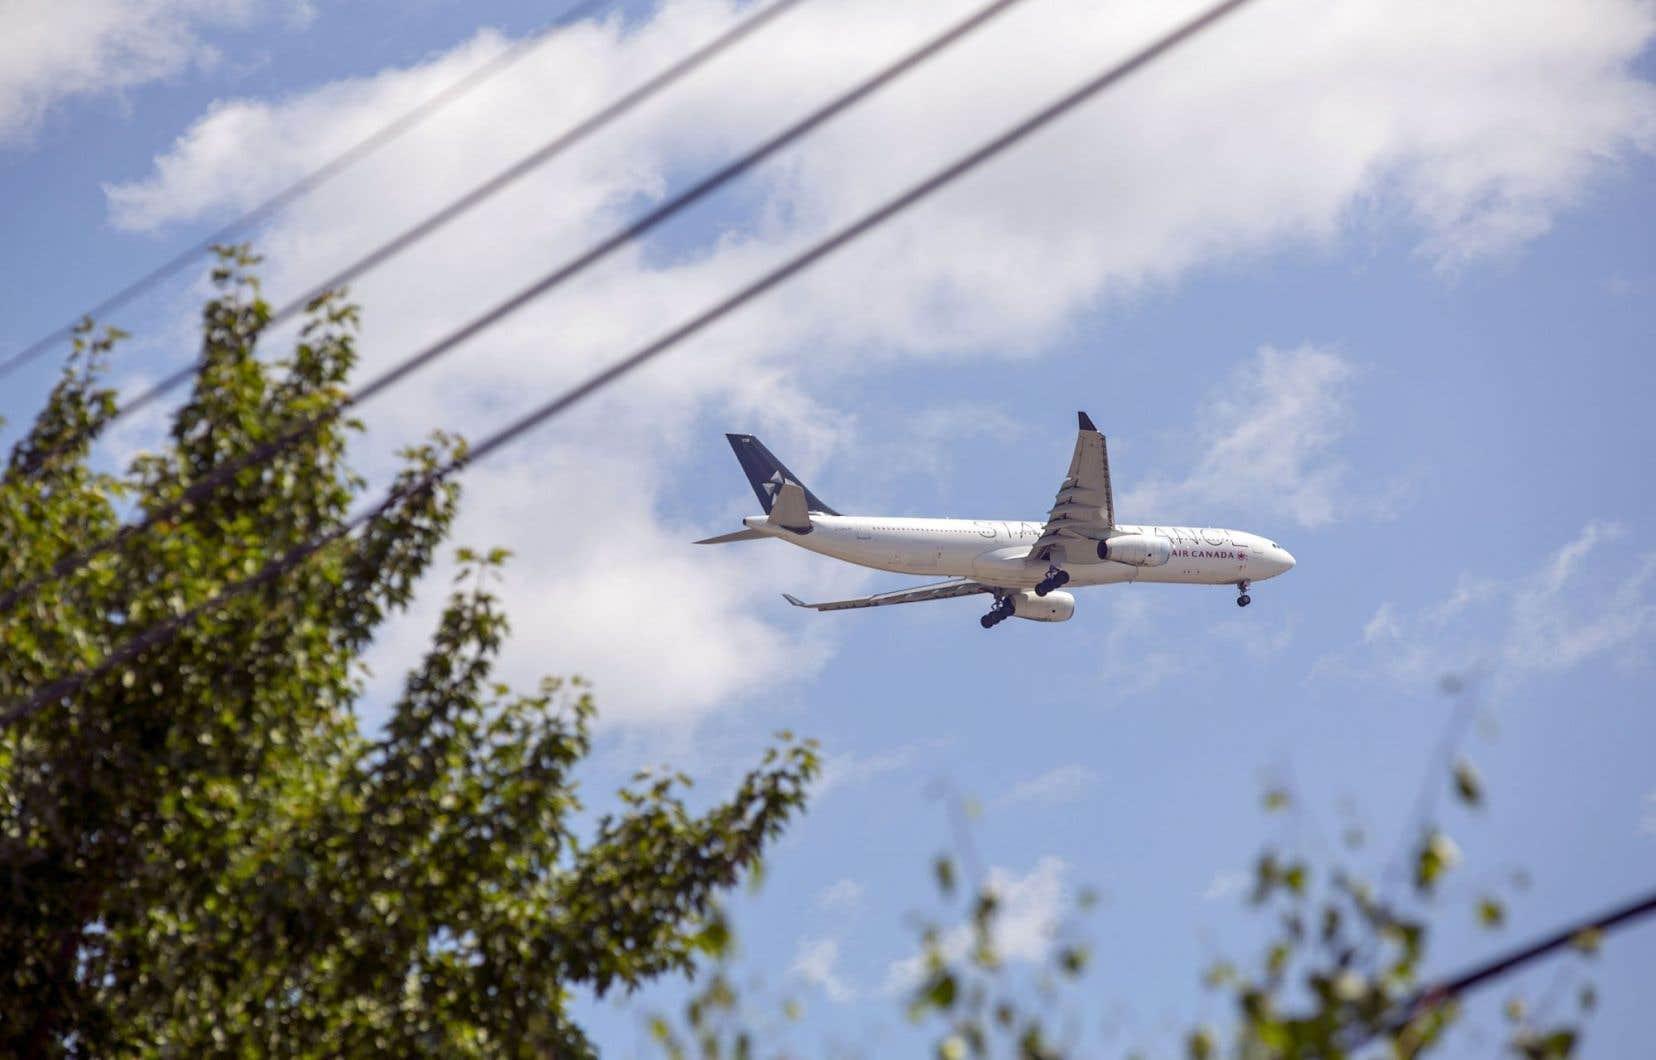 L'ICIA a décidé d'approcher l'aérospatiale dans une perspective plus large que les seuls domaines du génie et de l'informatique. Un étudiant en sciences environnementales pourrait s'intéresser à pollution sonore générée par les aéroports en milieu urbain.